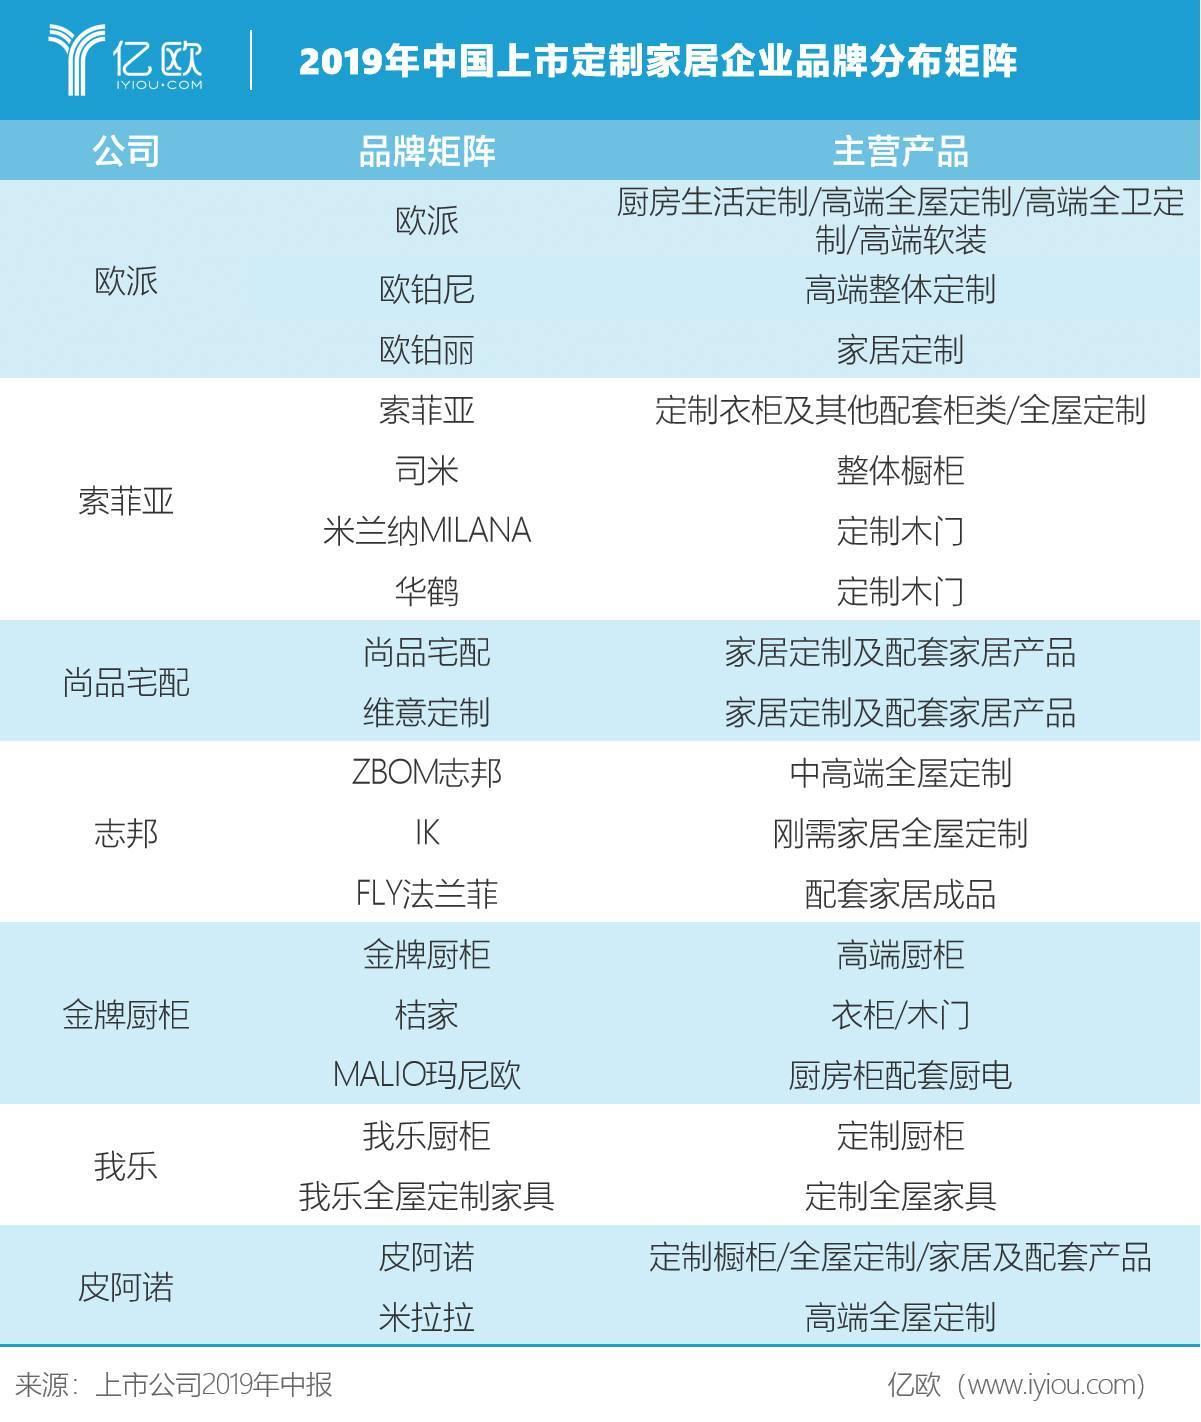 中国上市定制家居企业品牌分布矩阵